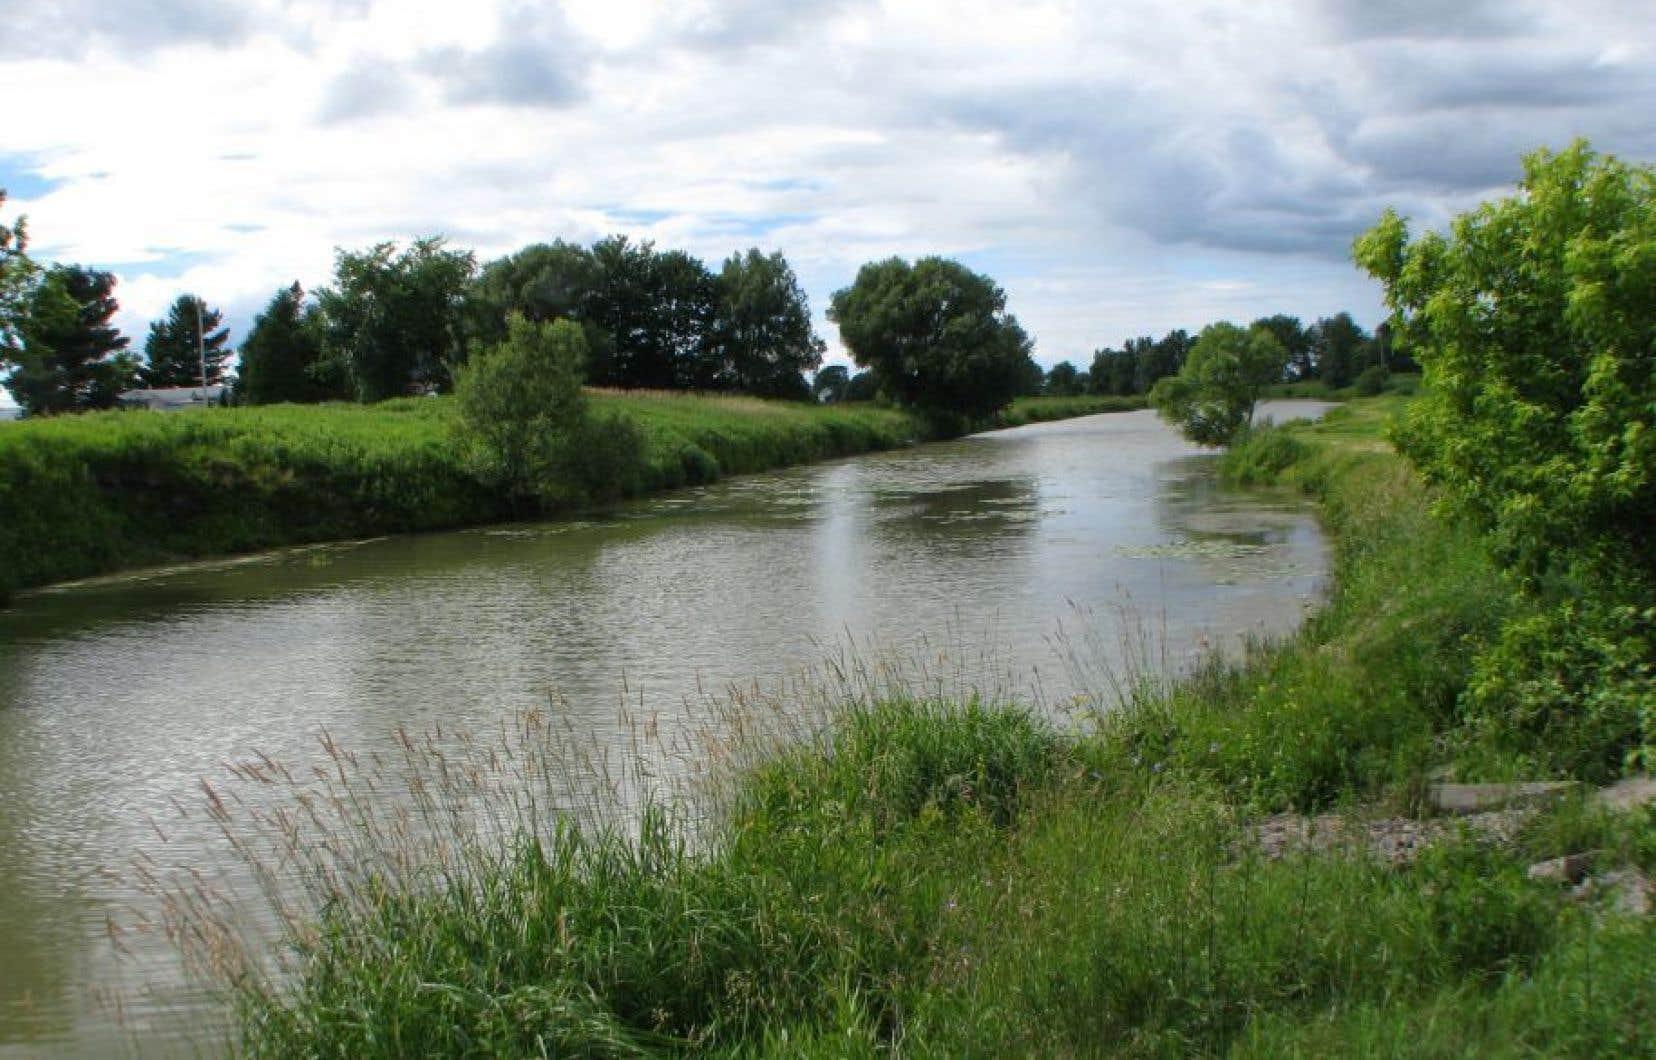 Des citoyens ont alerté les autorités jeudi quand ils ont remarqué des centaines de poissons qui flottaient à la surface de la rivière Yamaska.